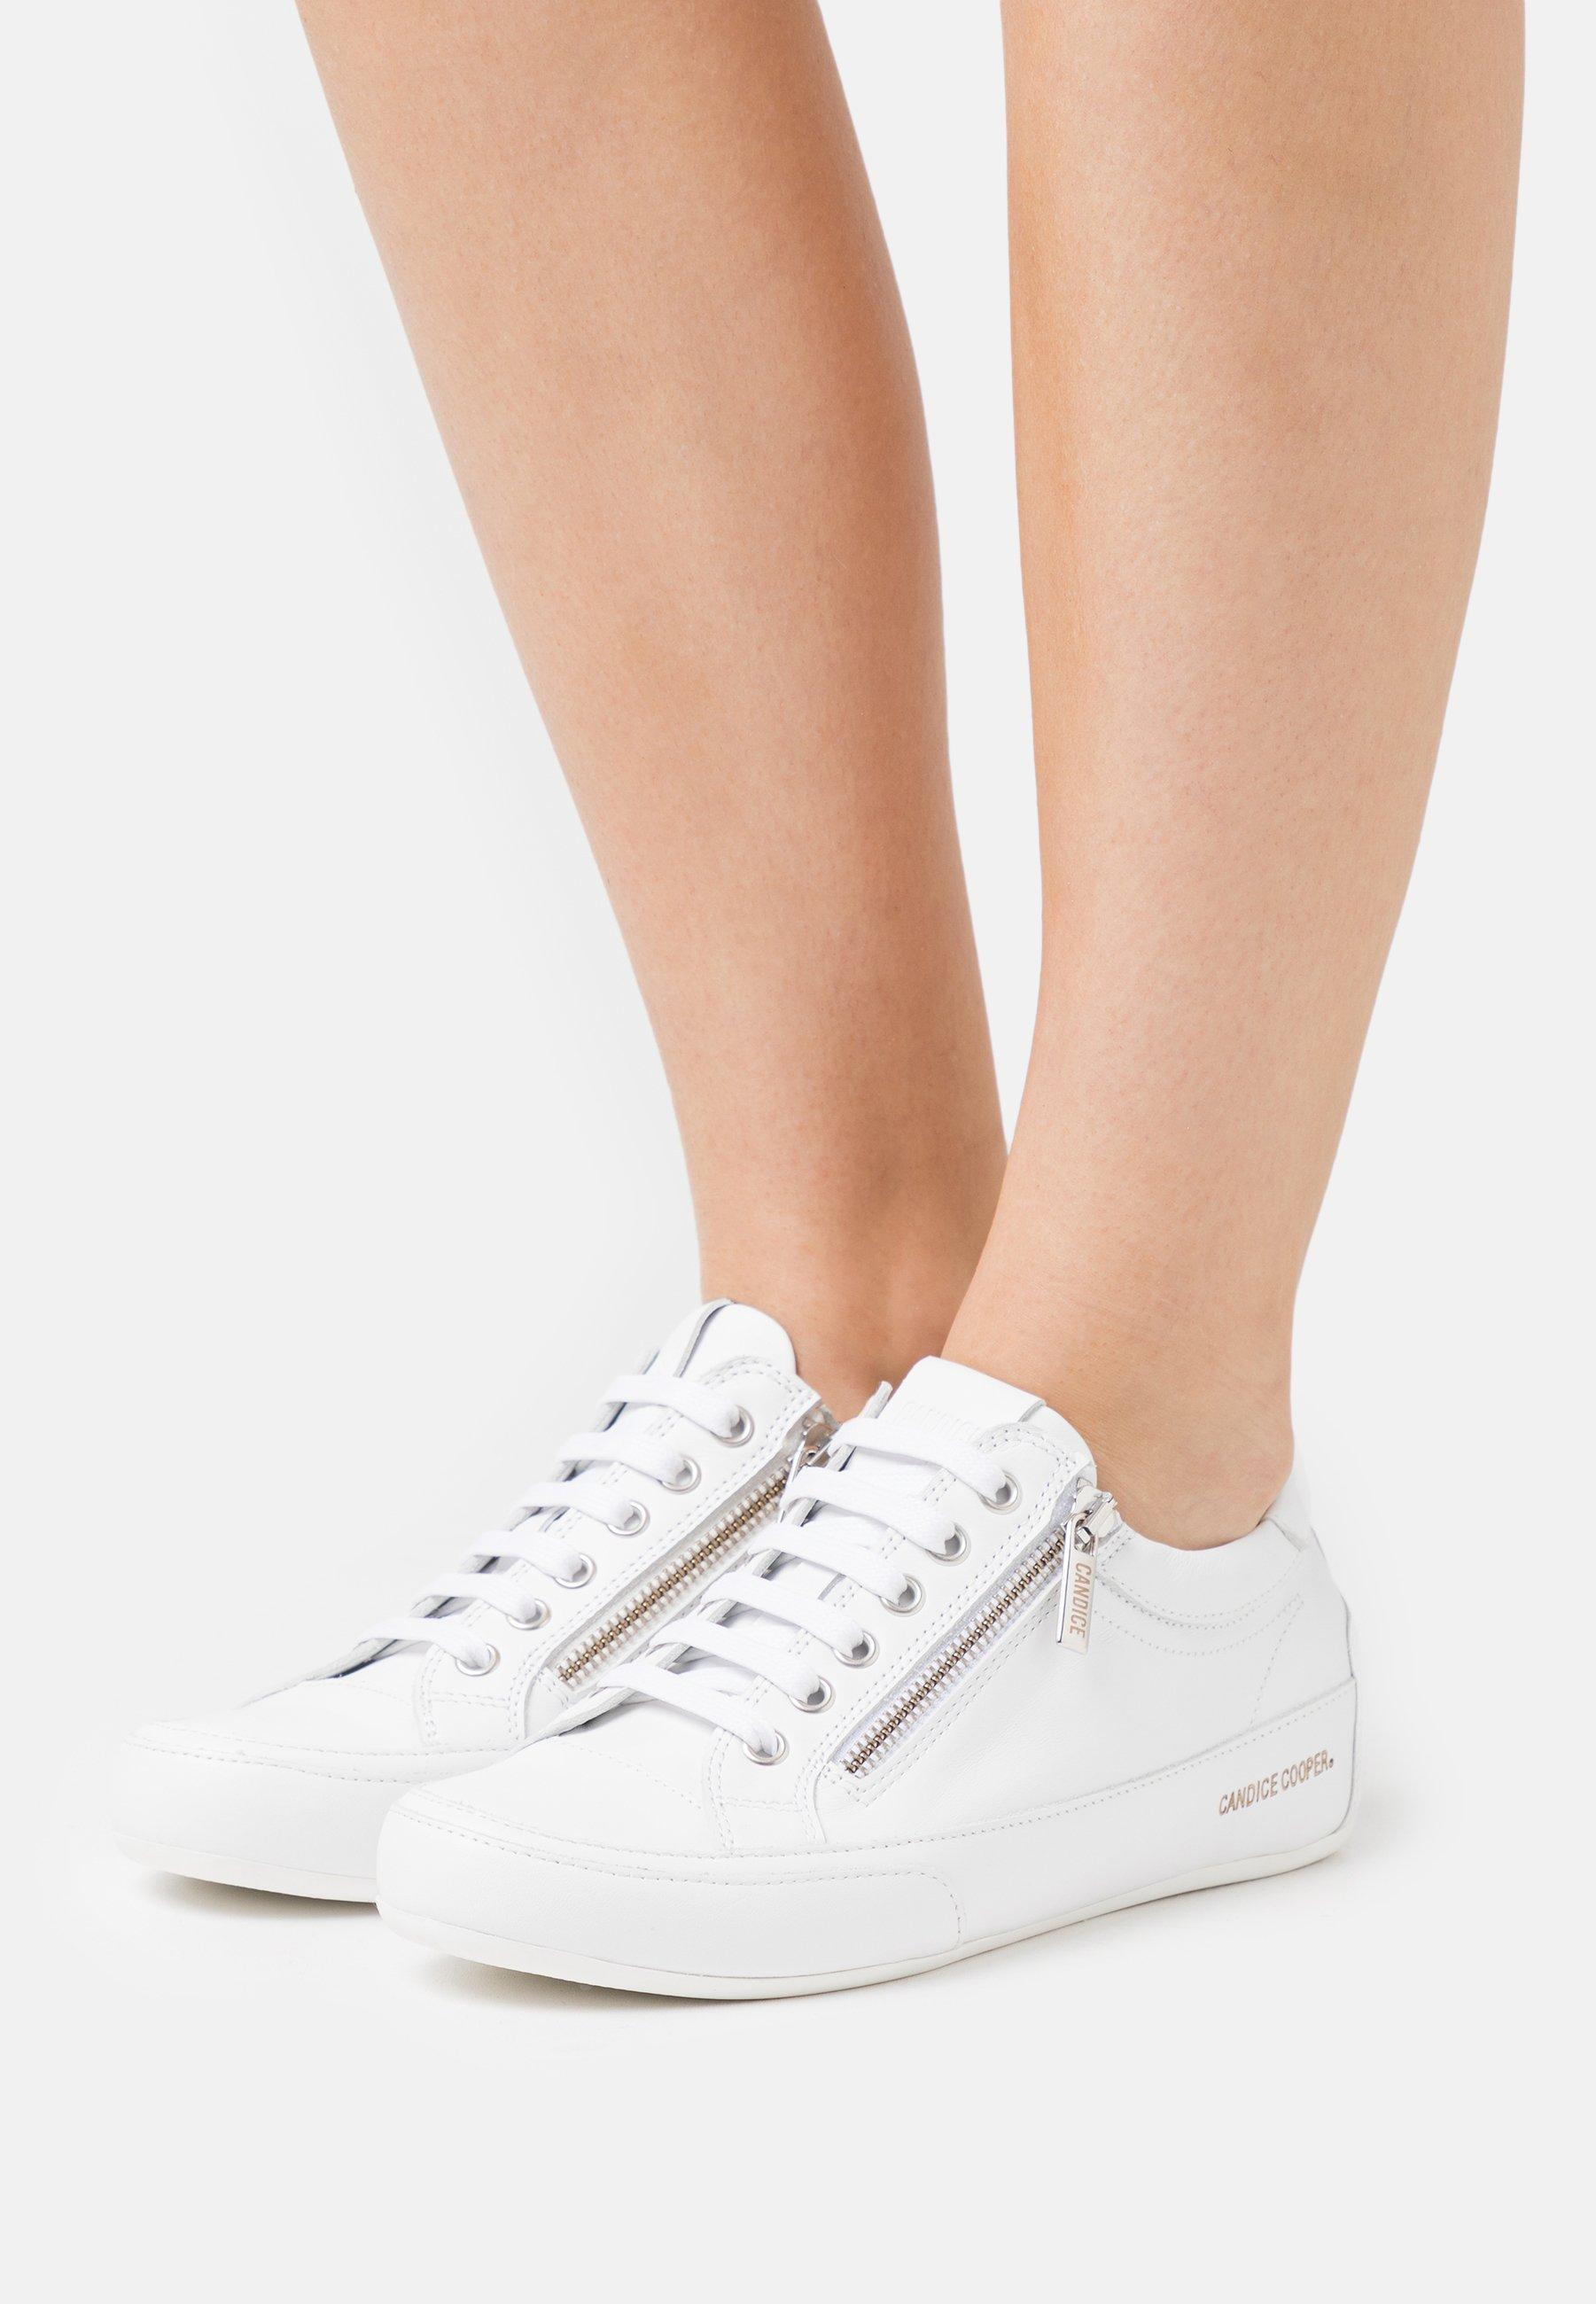 Femme DELUXE ZIP - Baskets basses - bianco